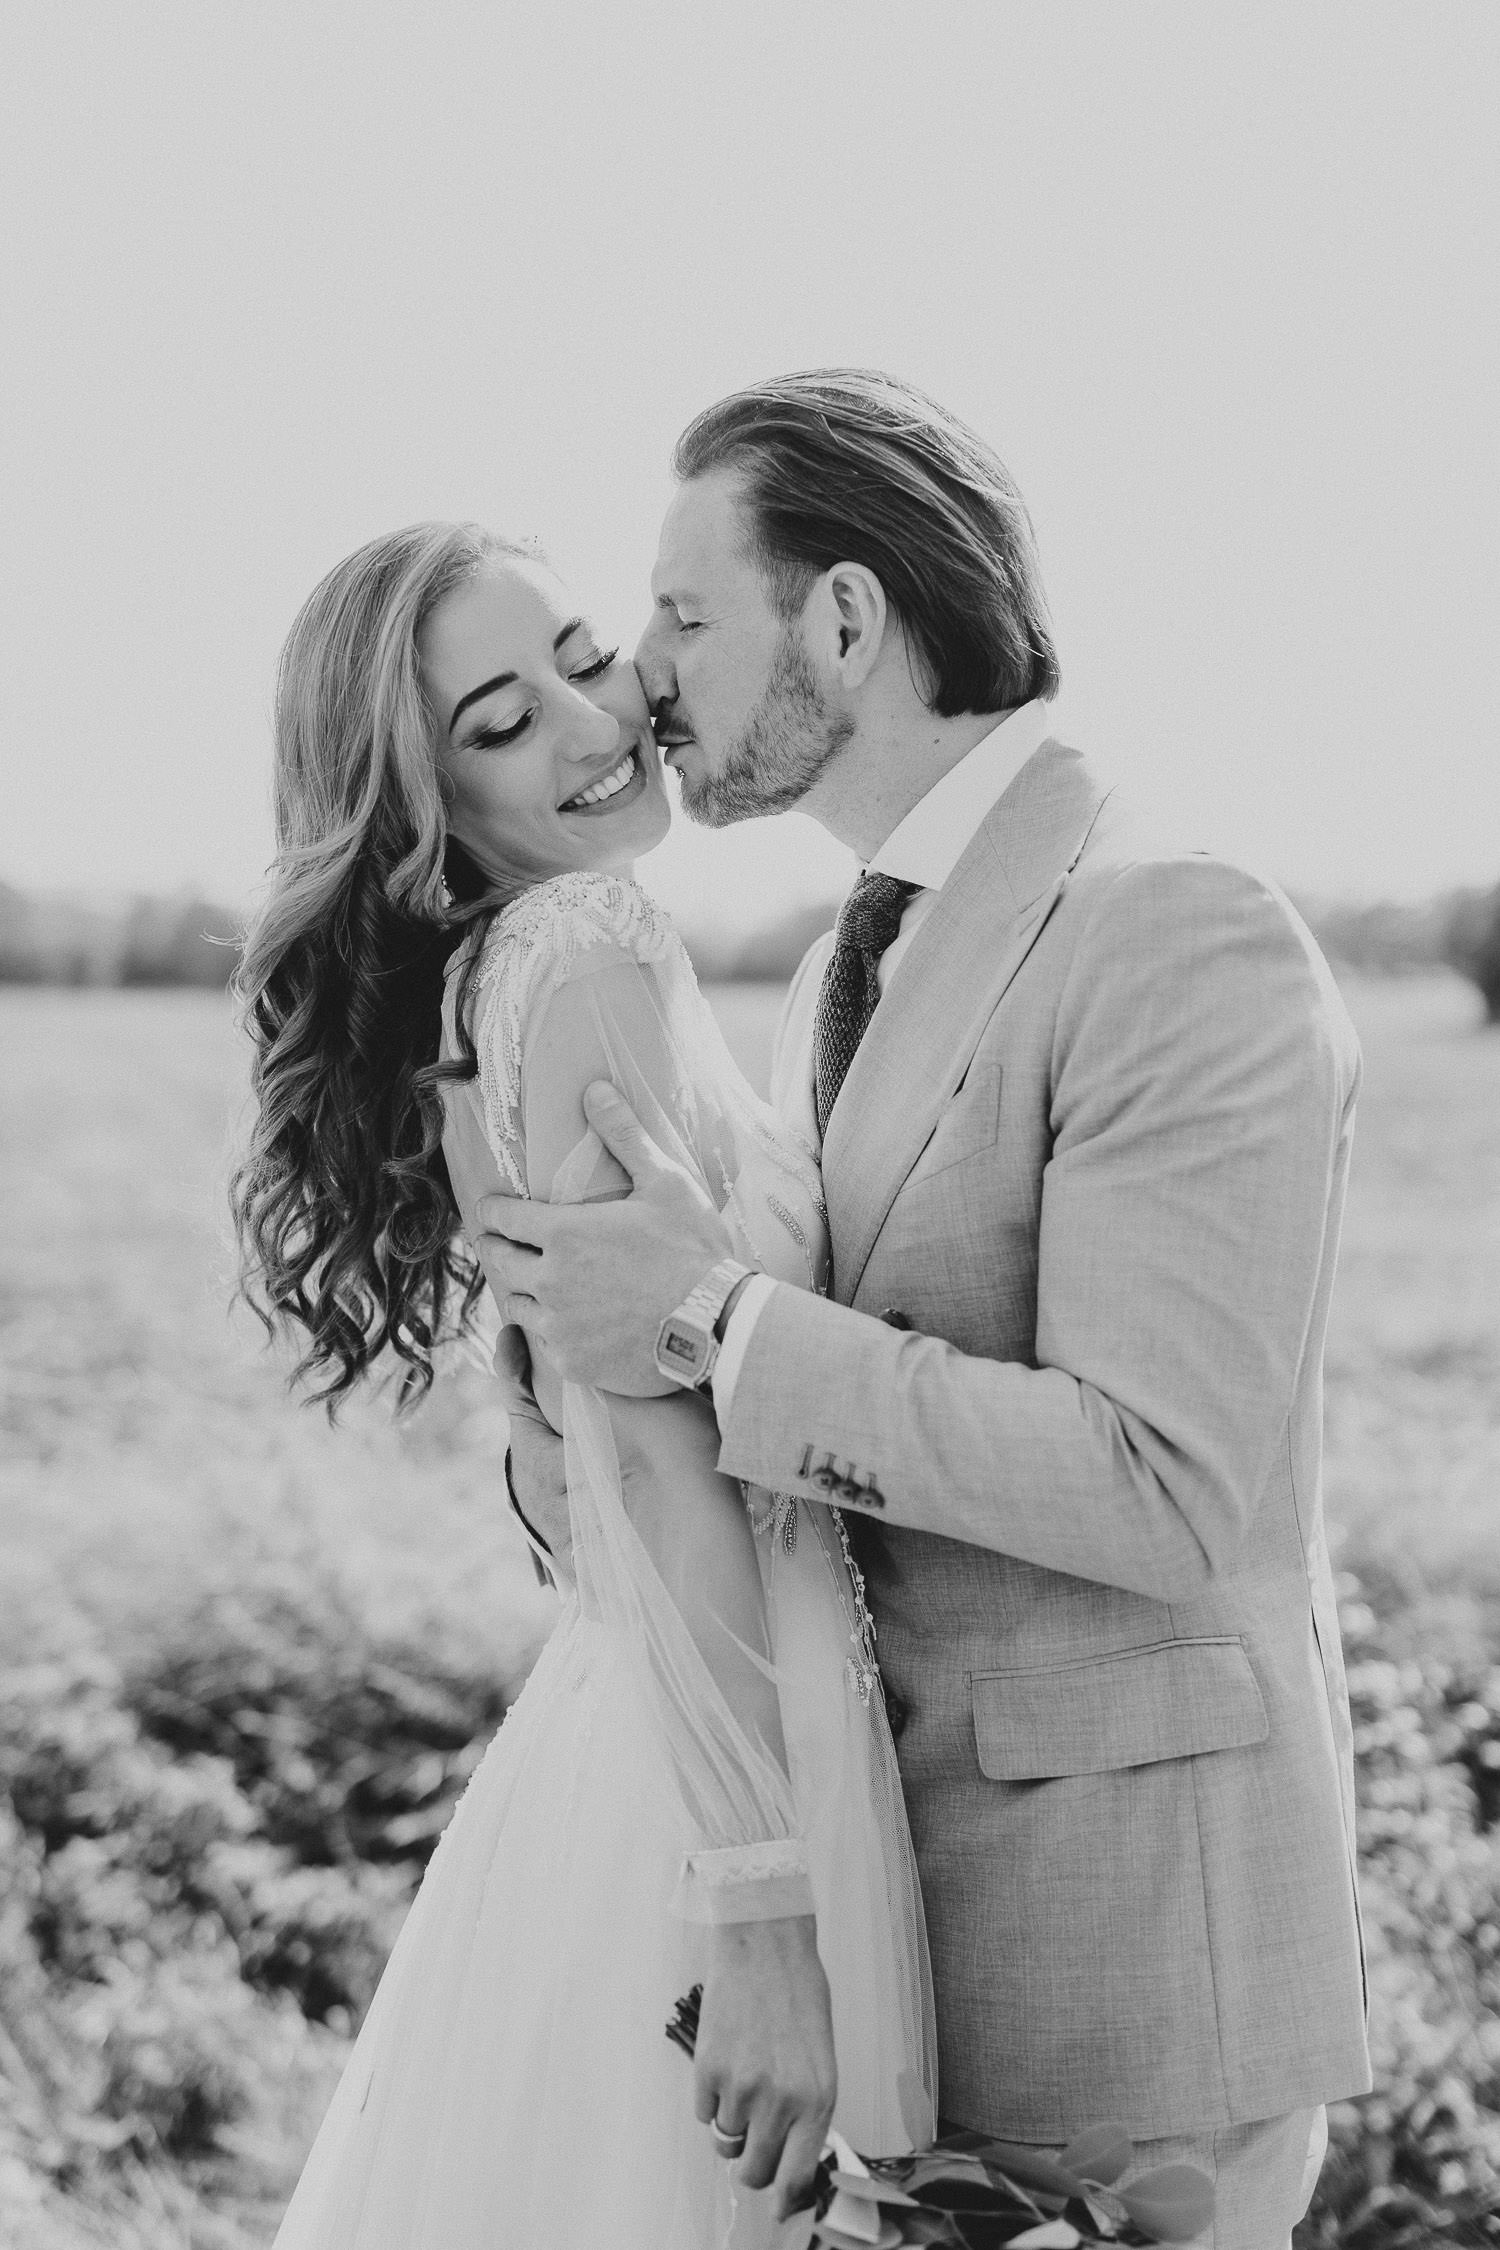 Bräutigam küßt Braut auf die Wange in schwarz weiß